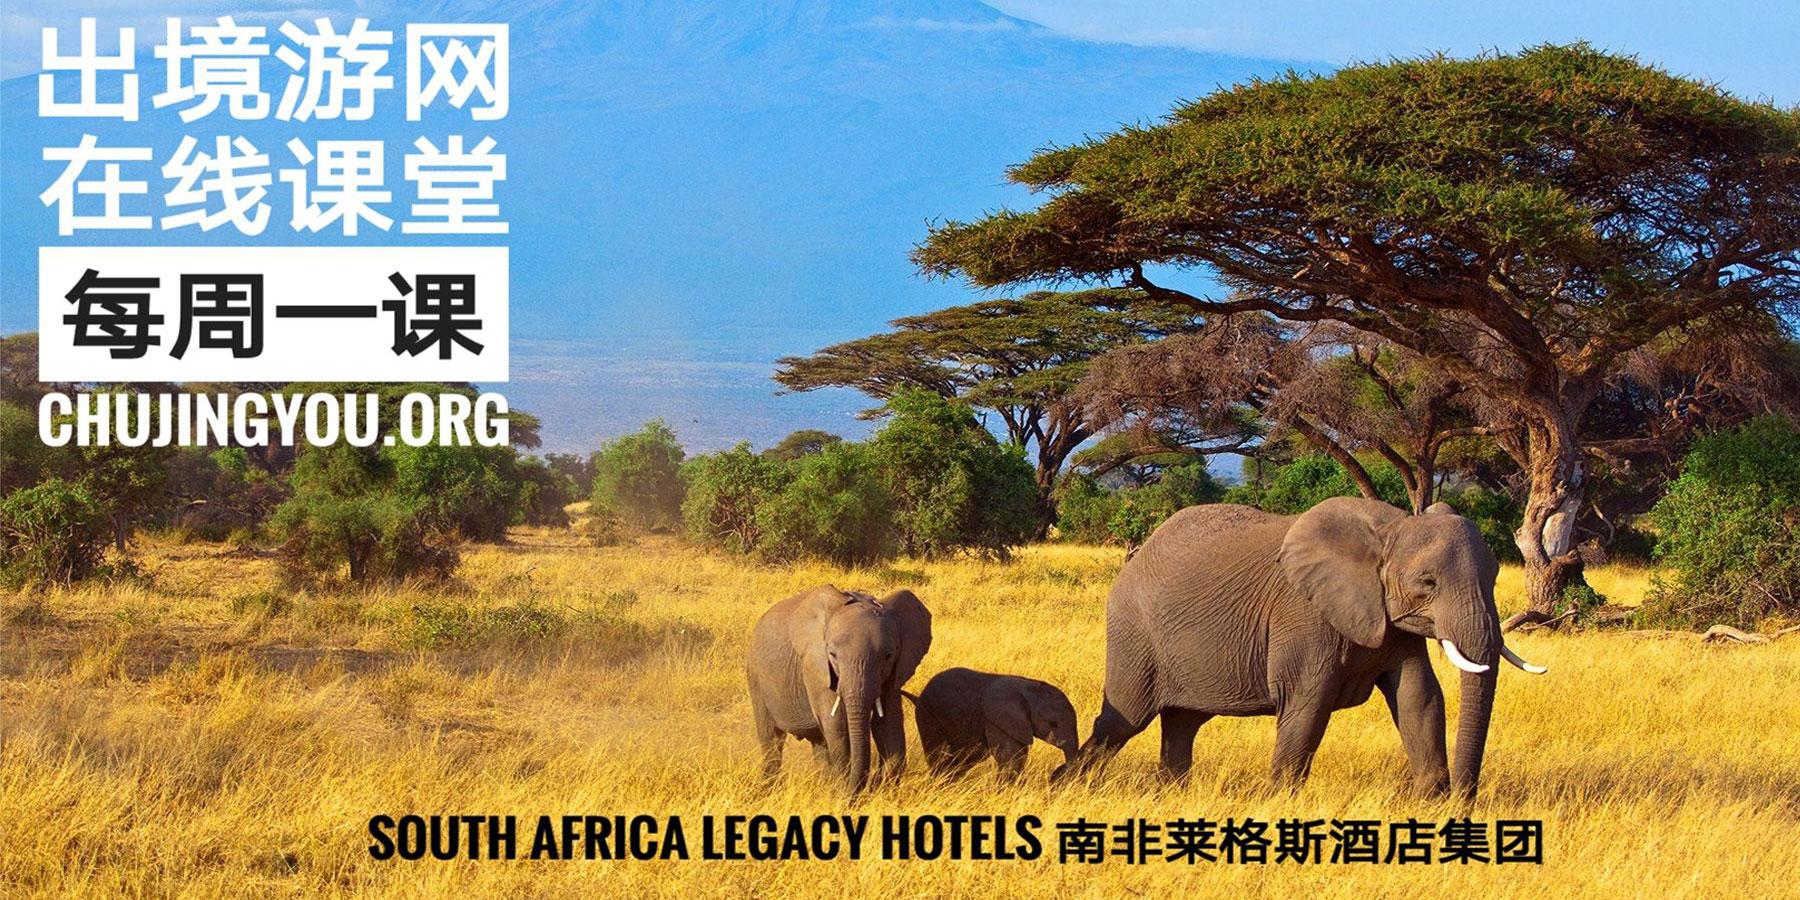 """南非莱格斯酒店推出""""在线课堂"""""""